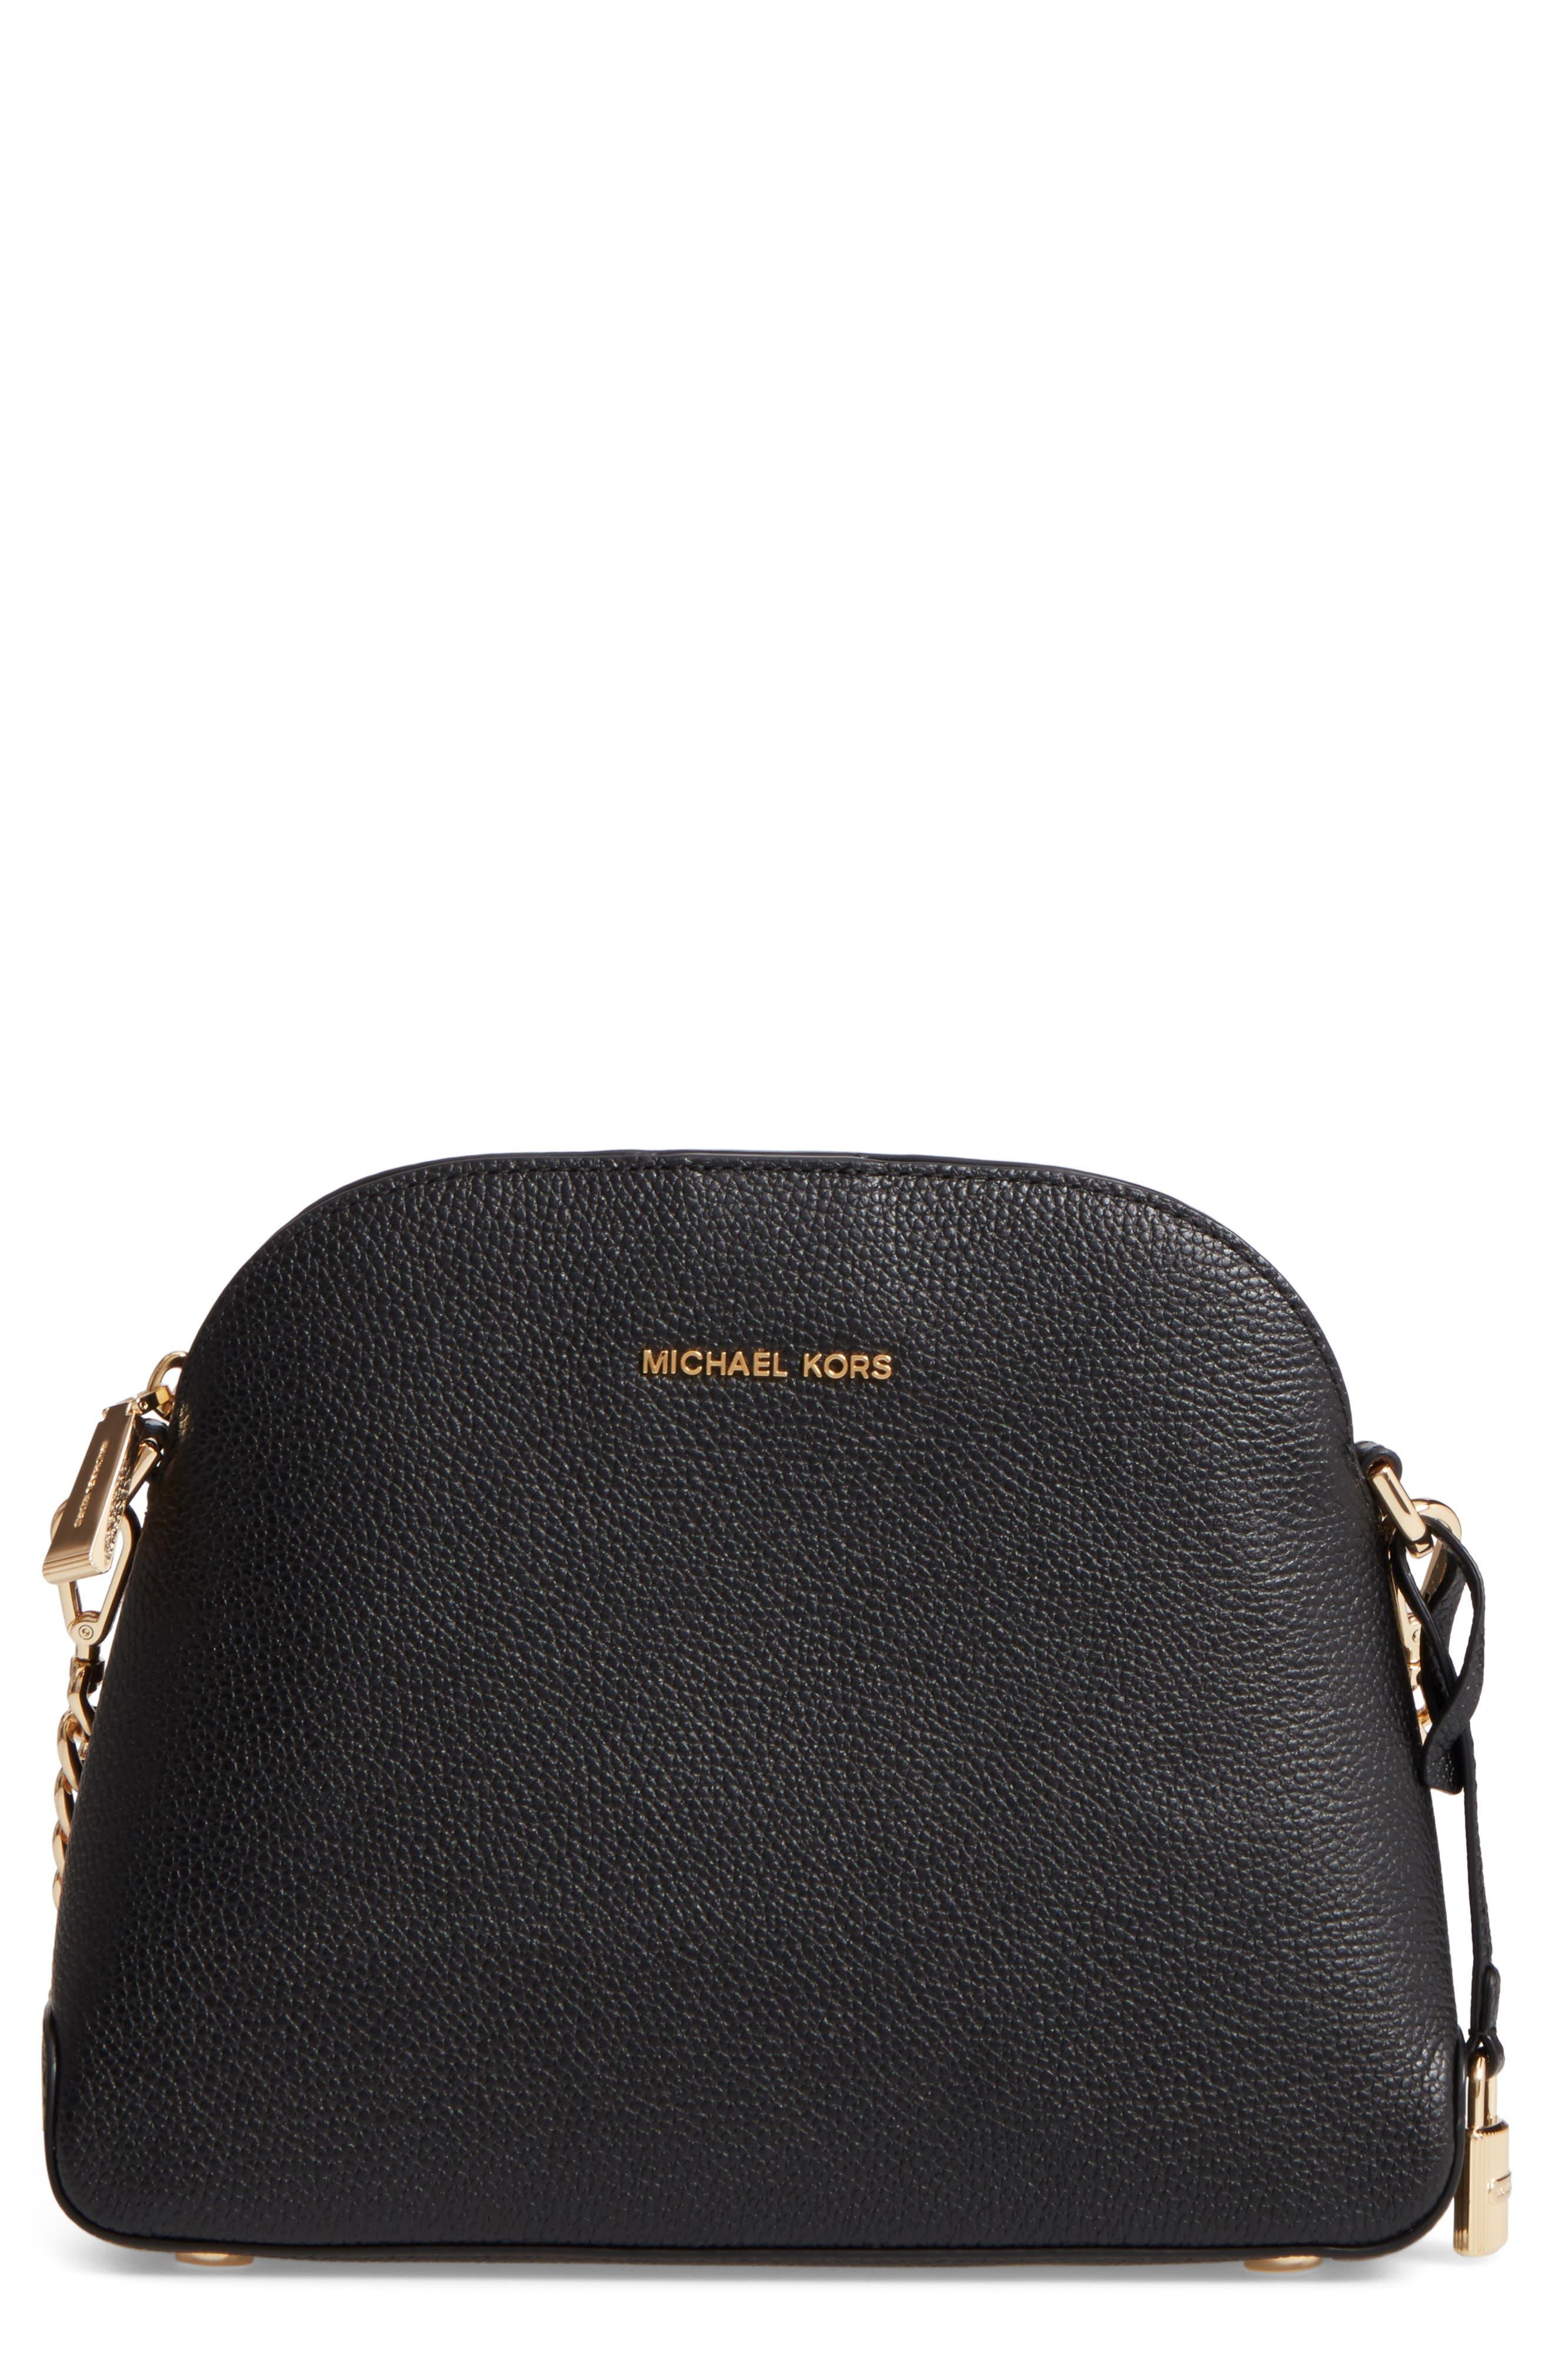 MICHAEL Michael Kors Medium Mercer Leather Messenger Bag